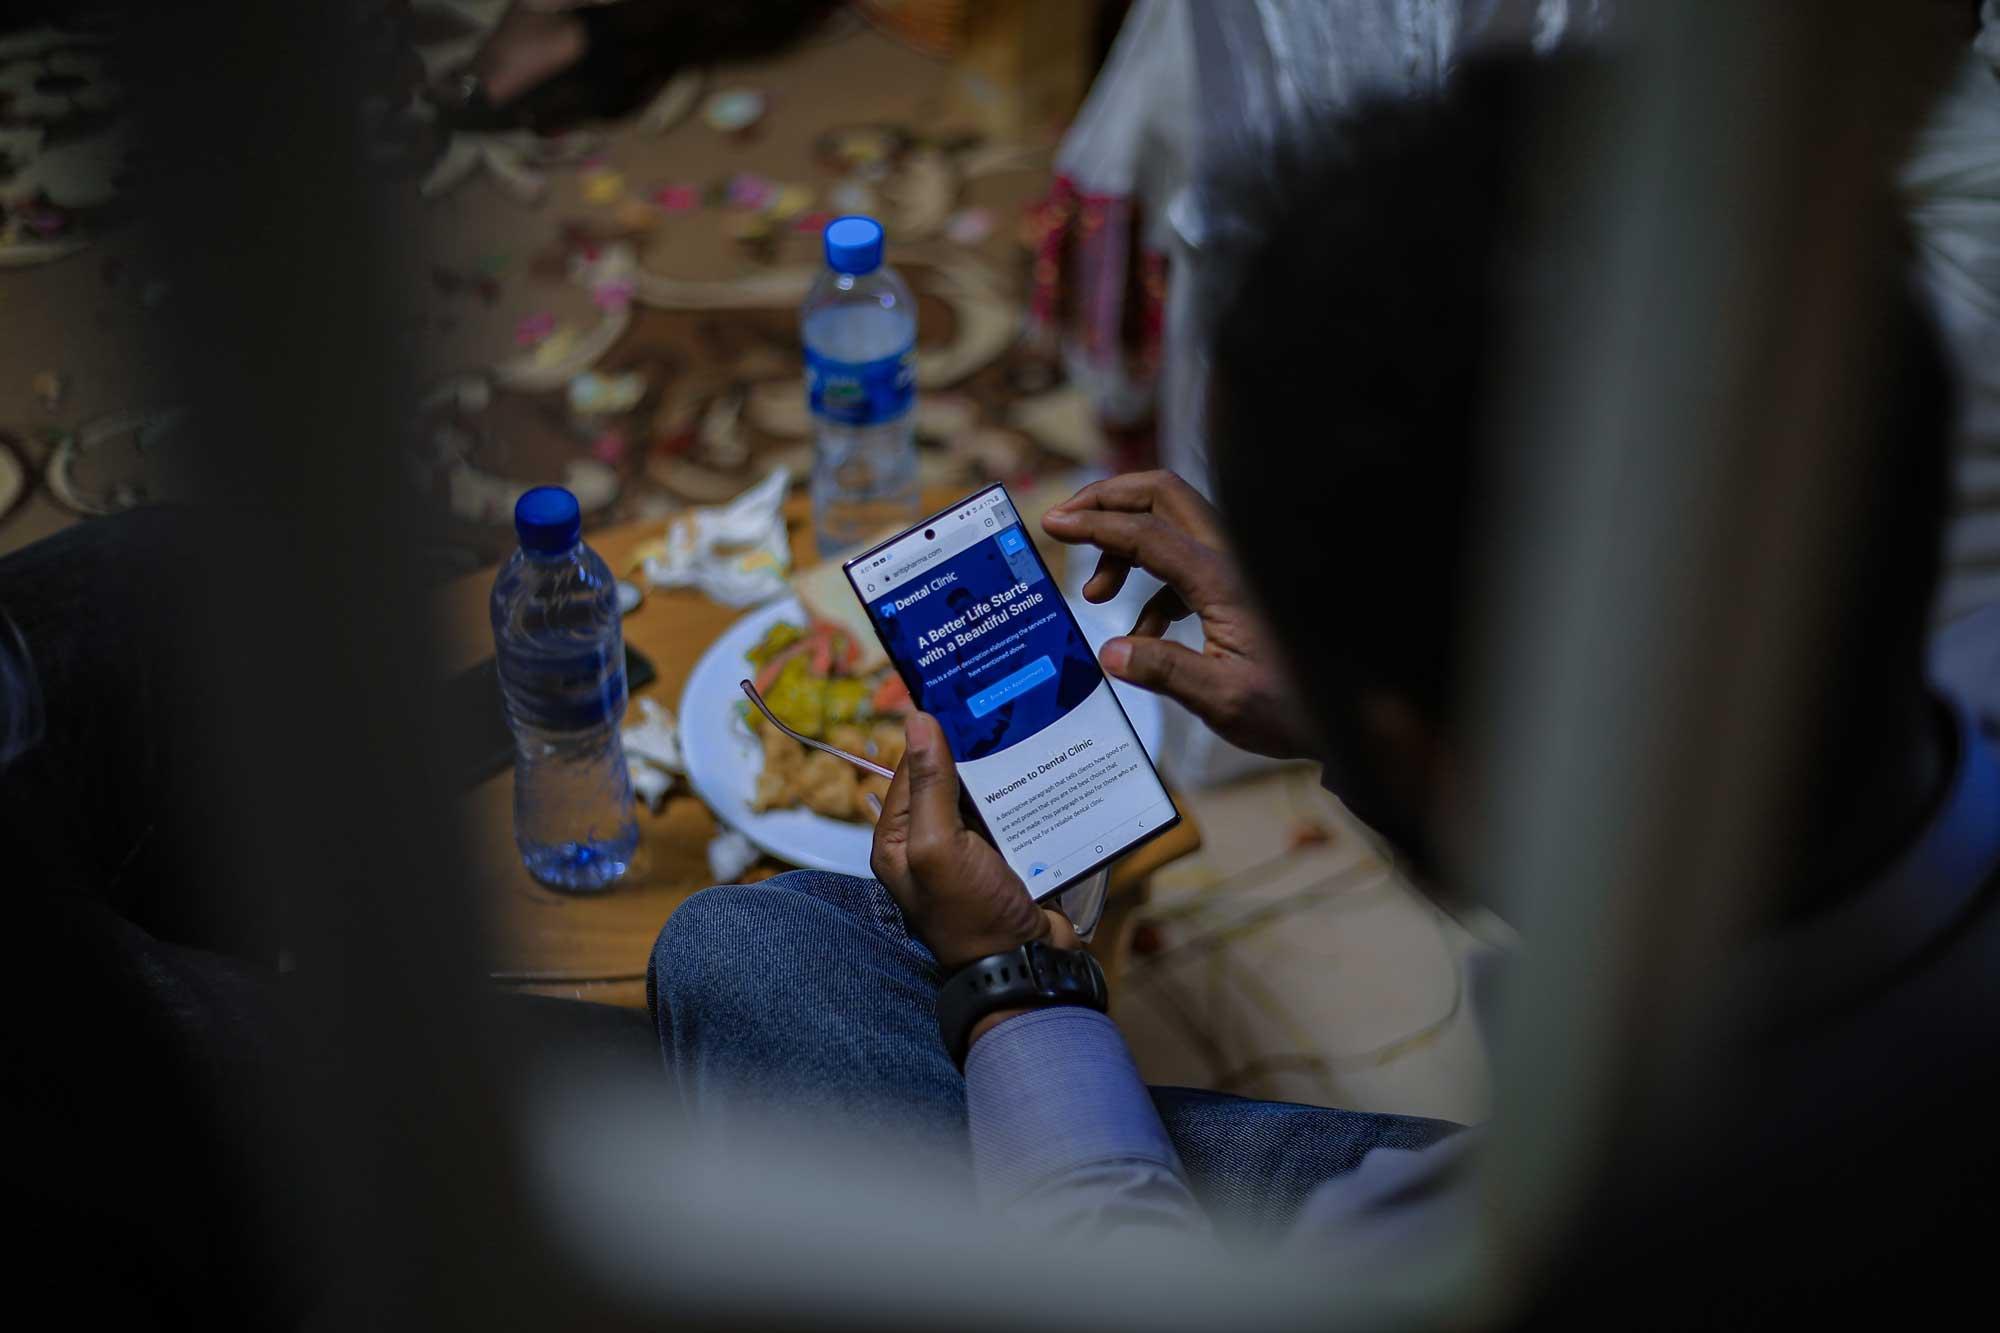 Cell phones bridge digital divide